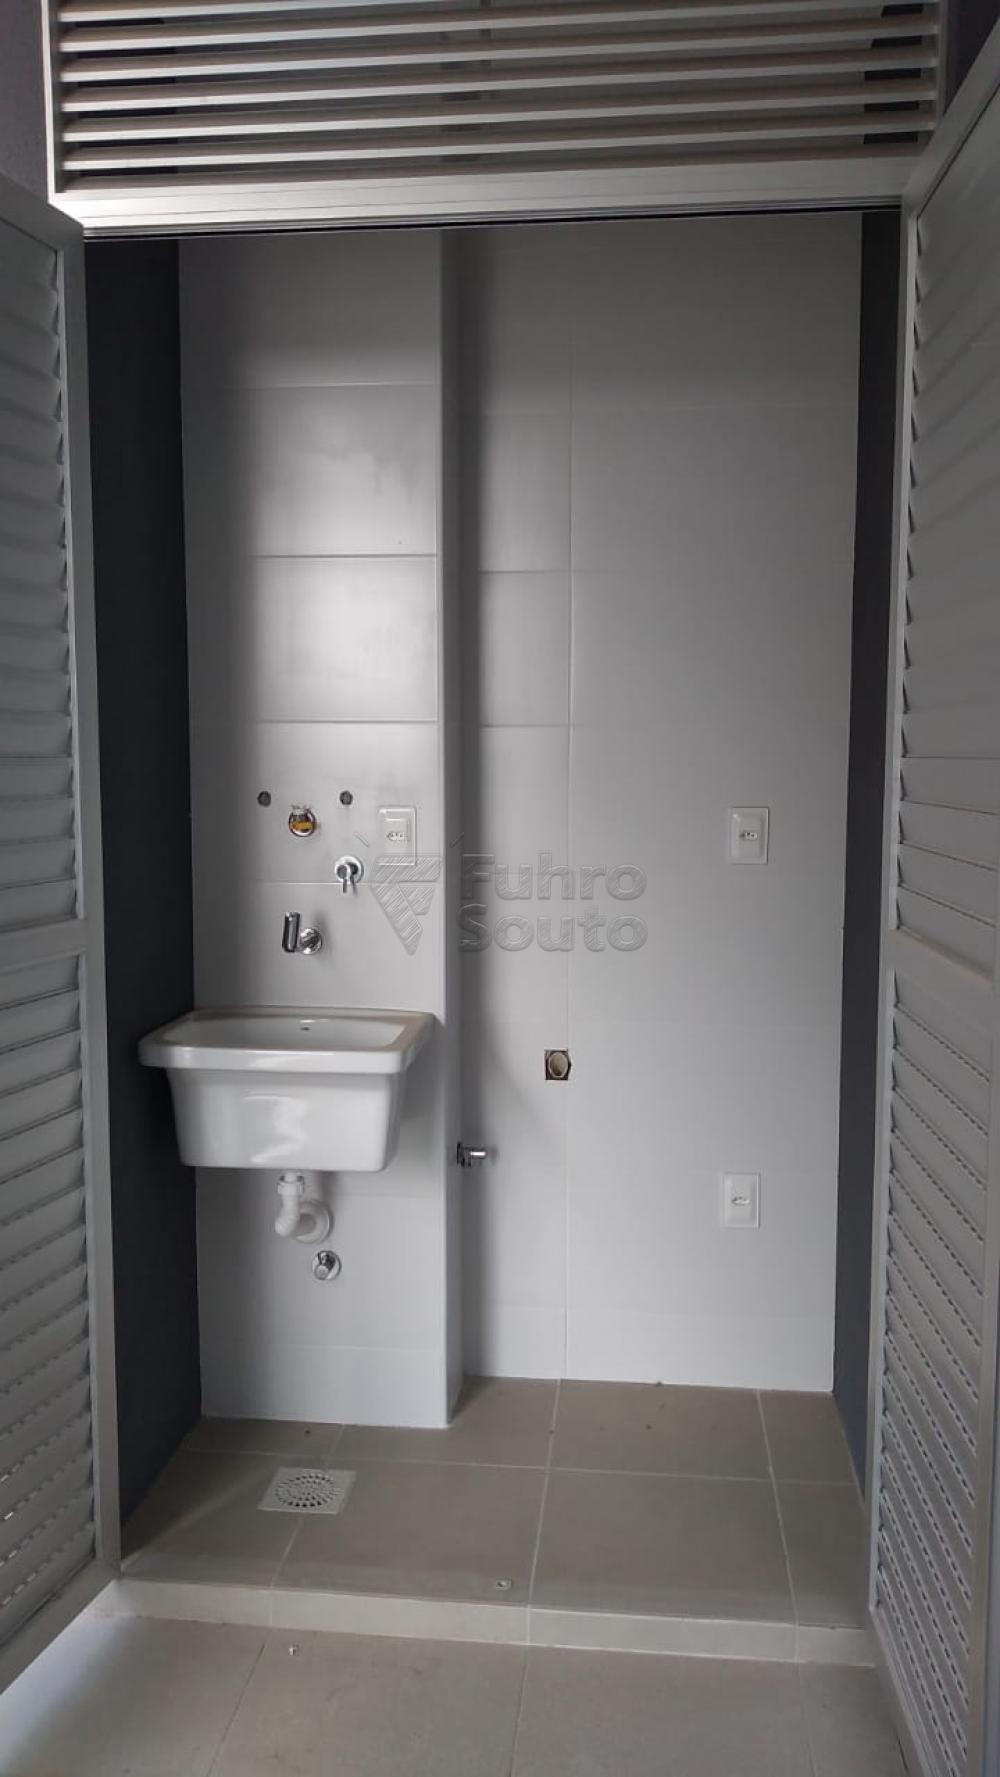 Comprar Apartamento / Loft / Studio em Pelotas R$ 270.000,00 - Foto 12